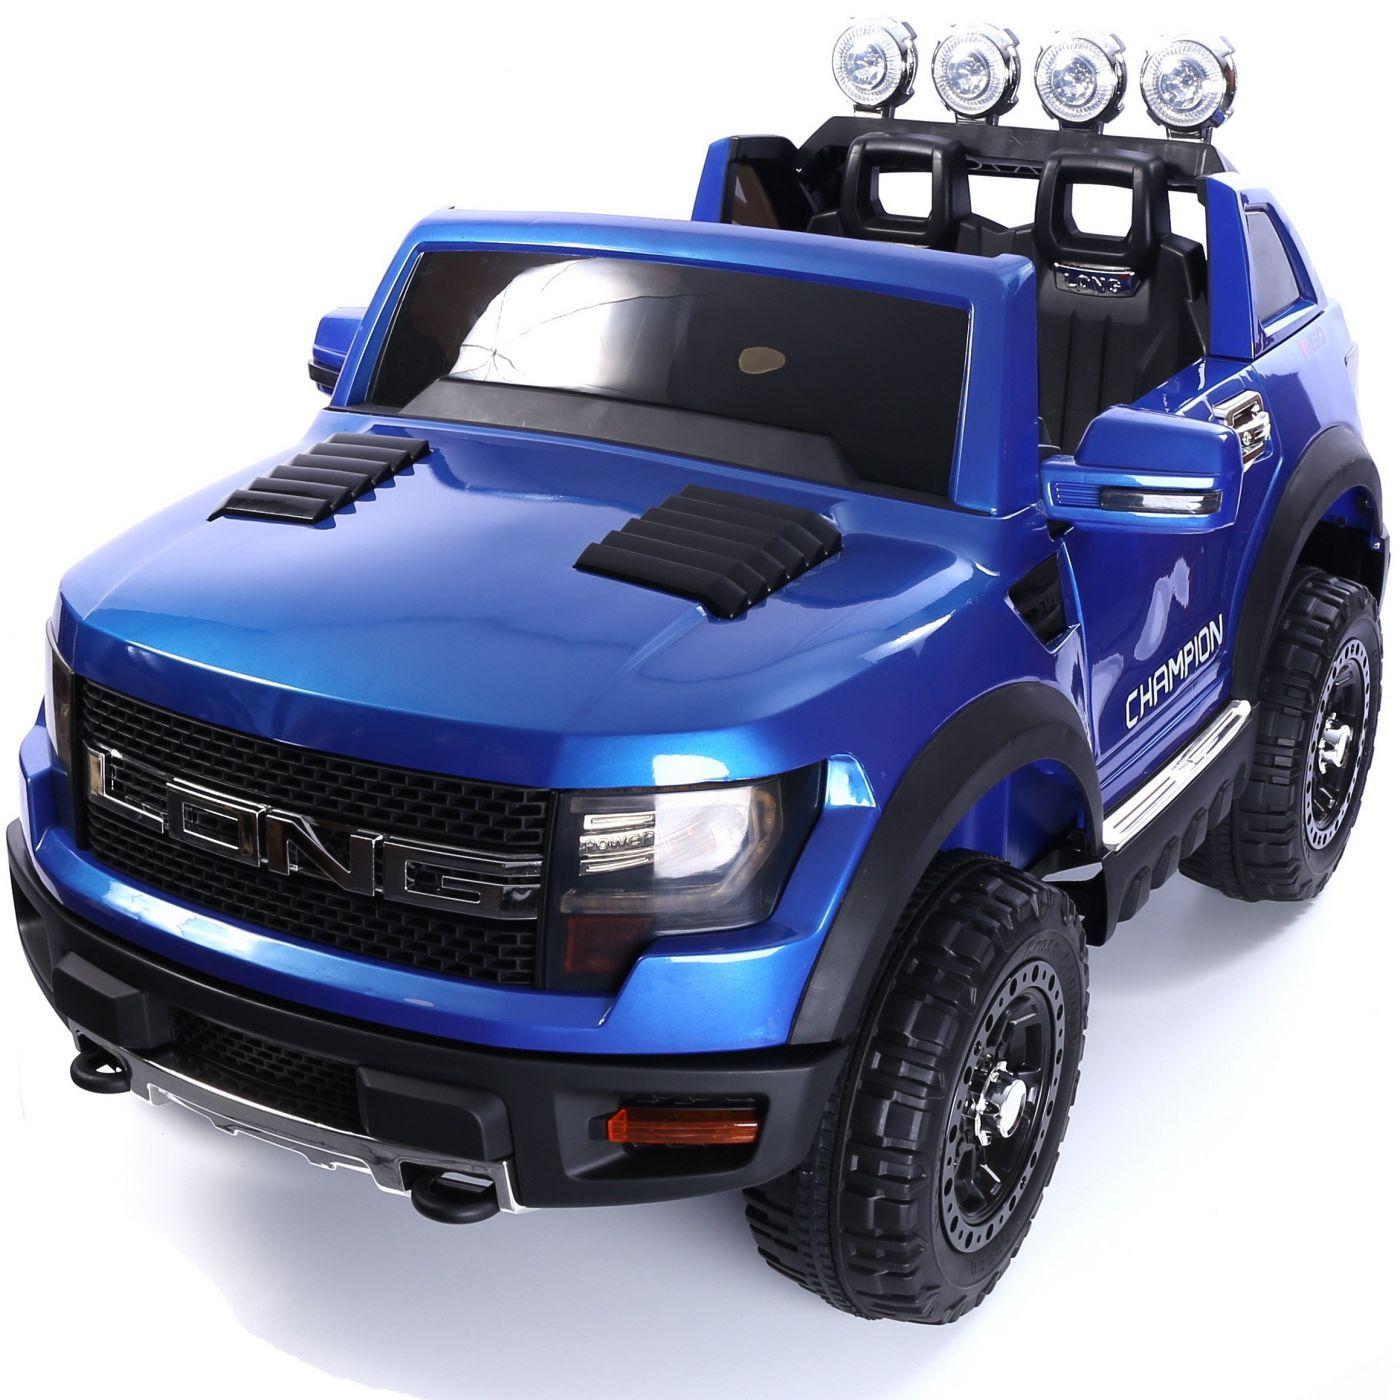 Ford ranger style 12v children ride on blue